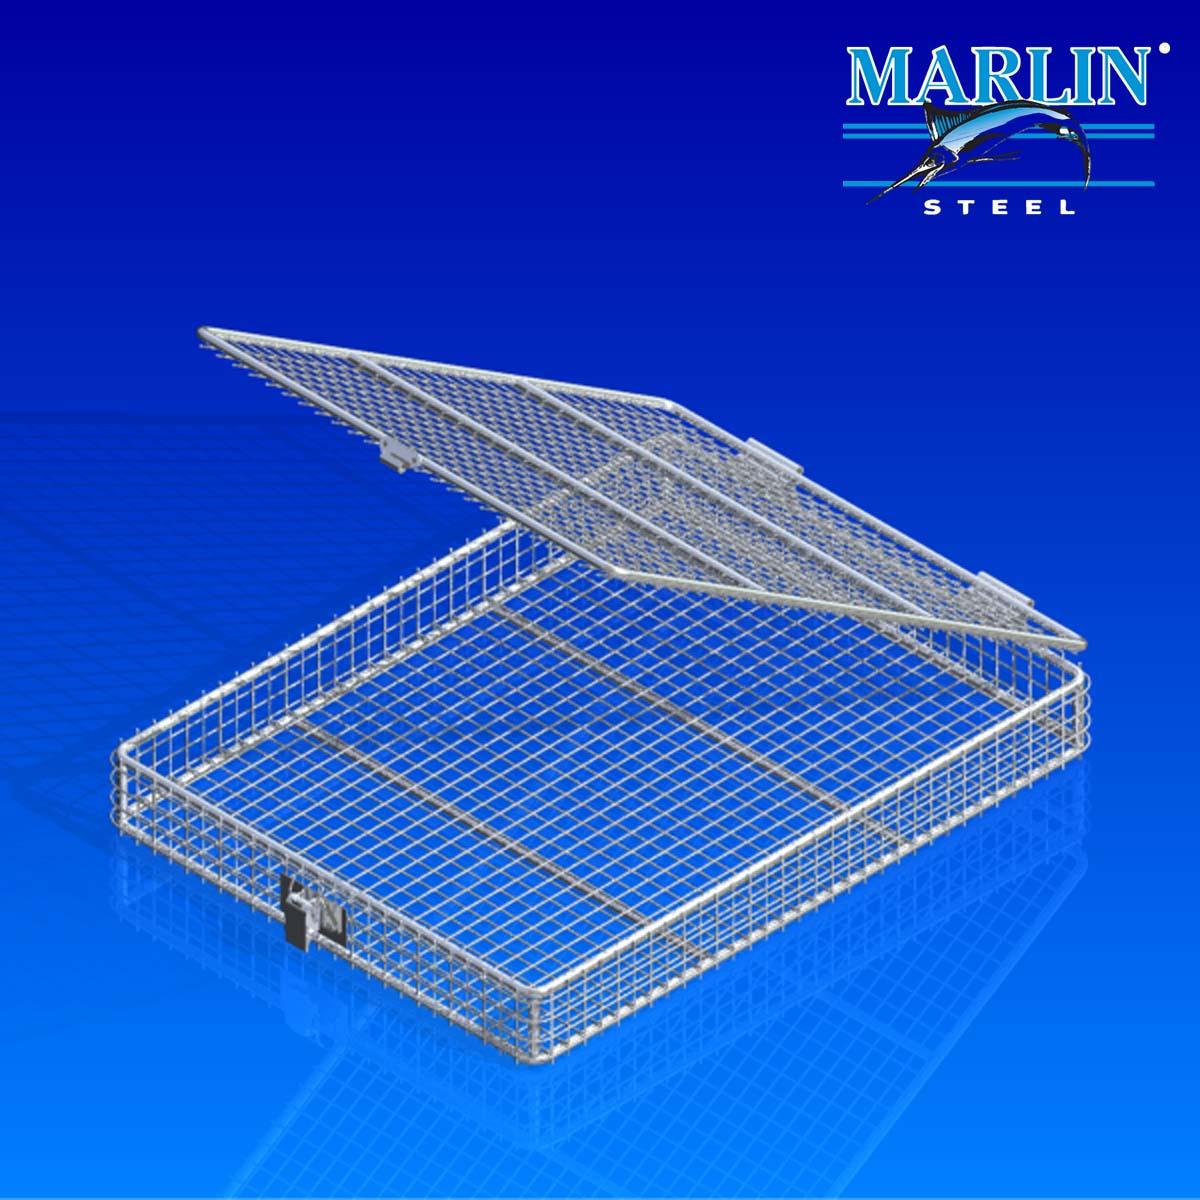 Marlin Steel wire baskets with lids 789001.jpg